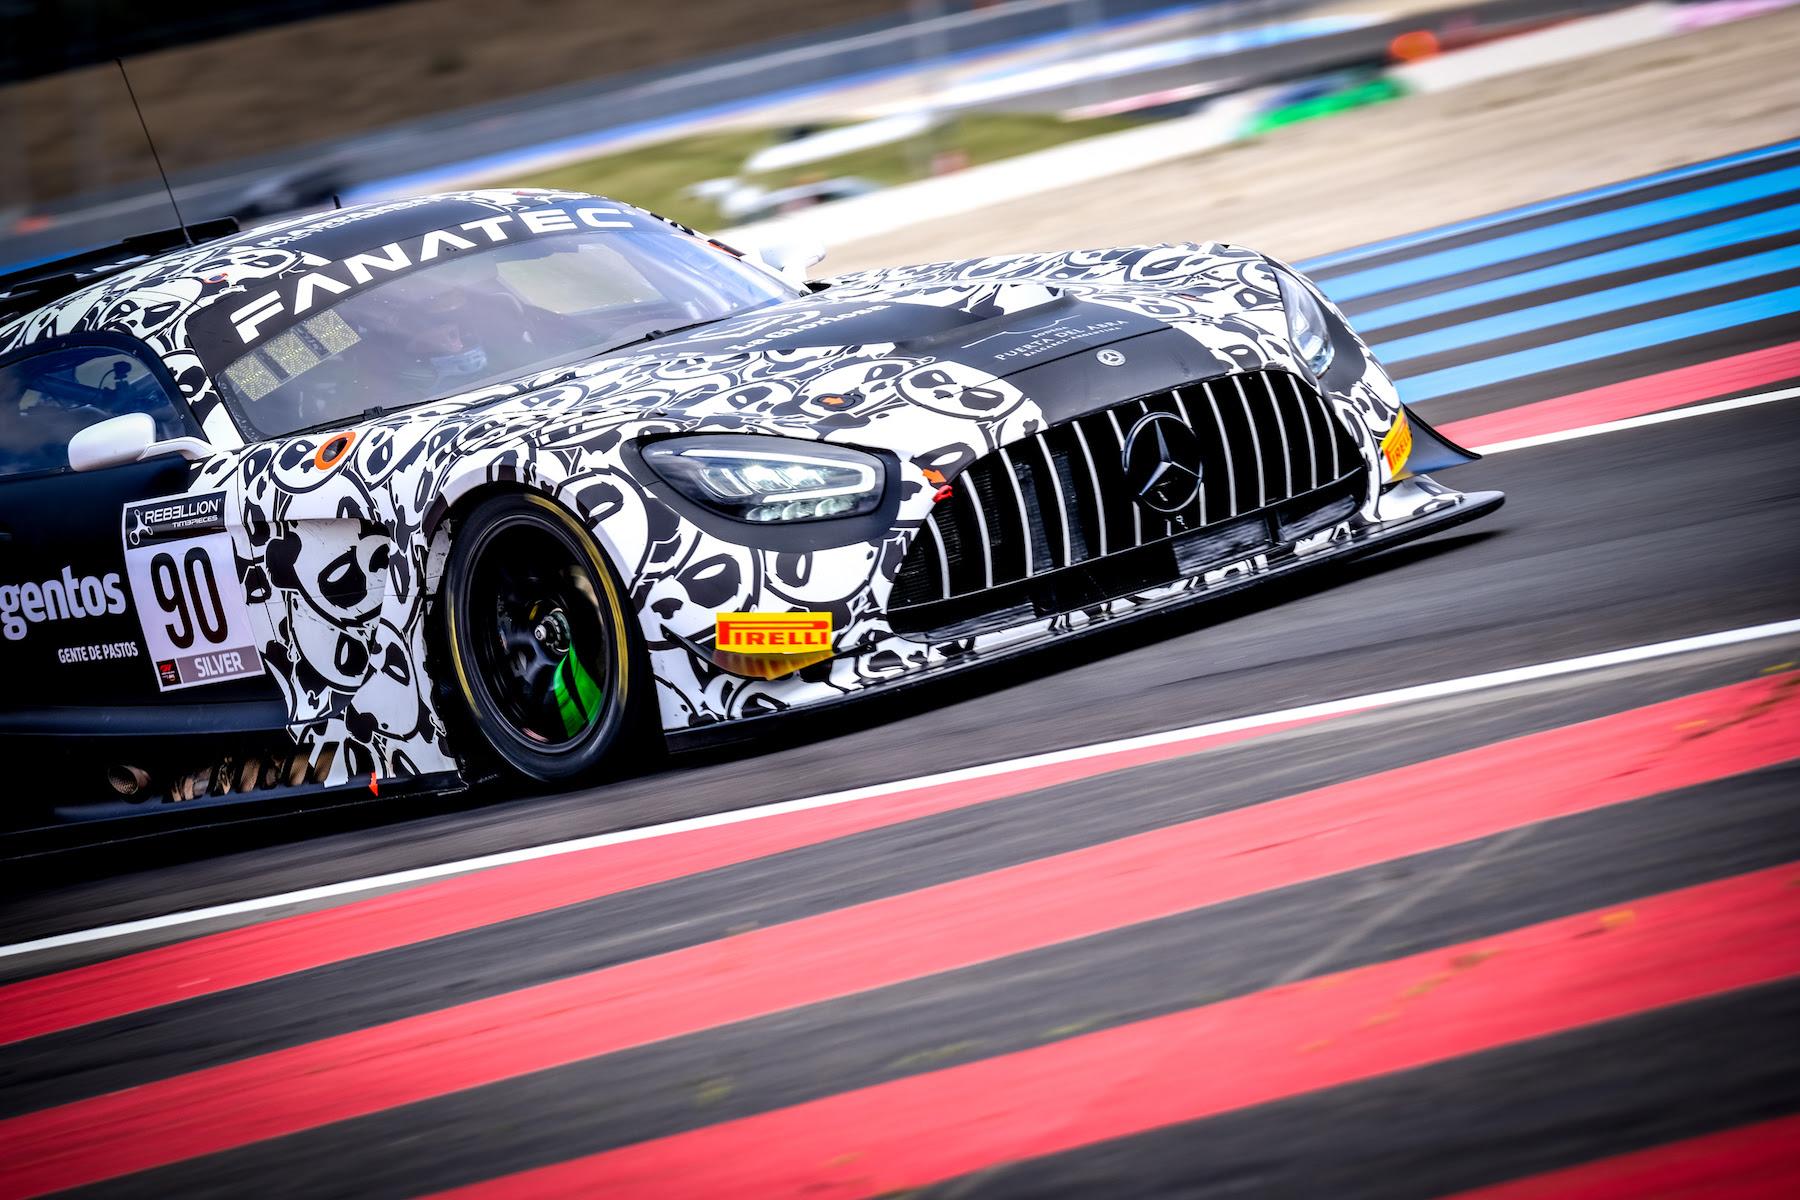 Rik Breukers Ezequiel Perez Companc Madpanda Motorsport Mercedes-AMG GT3 GT World Challenge Europe Le Castellet